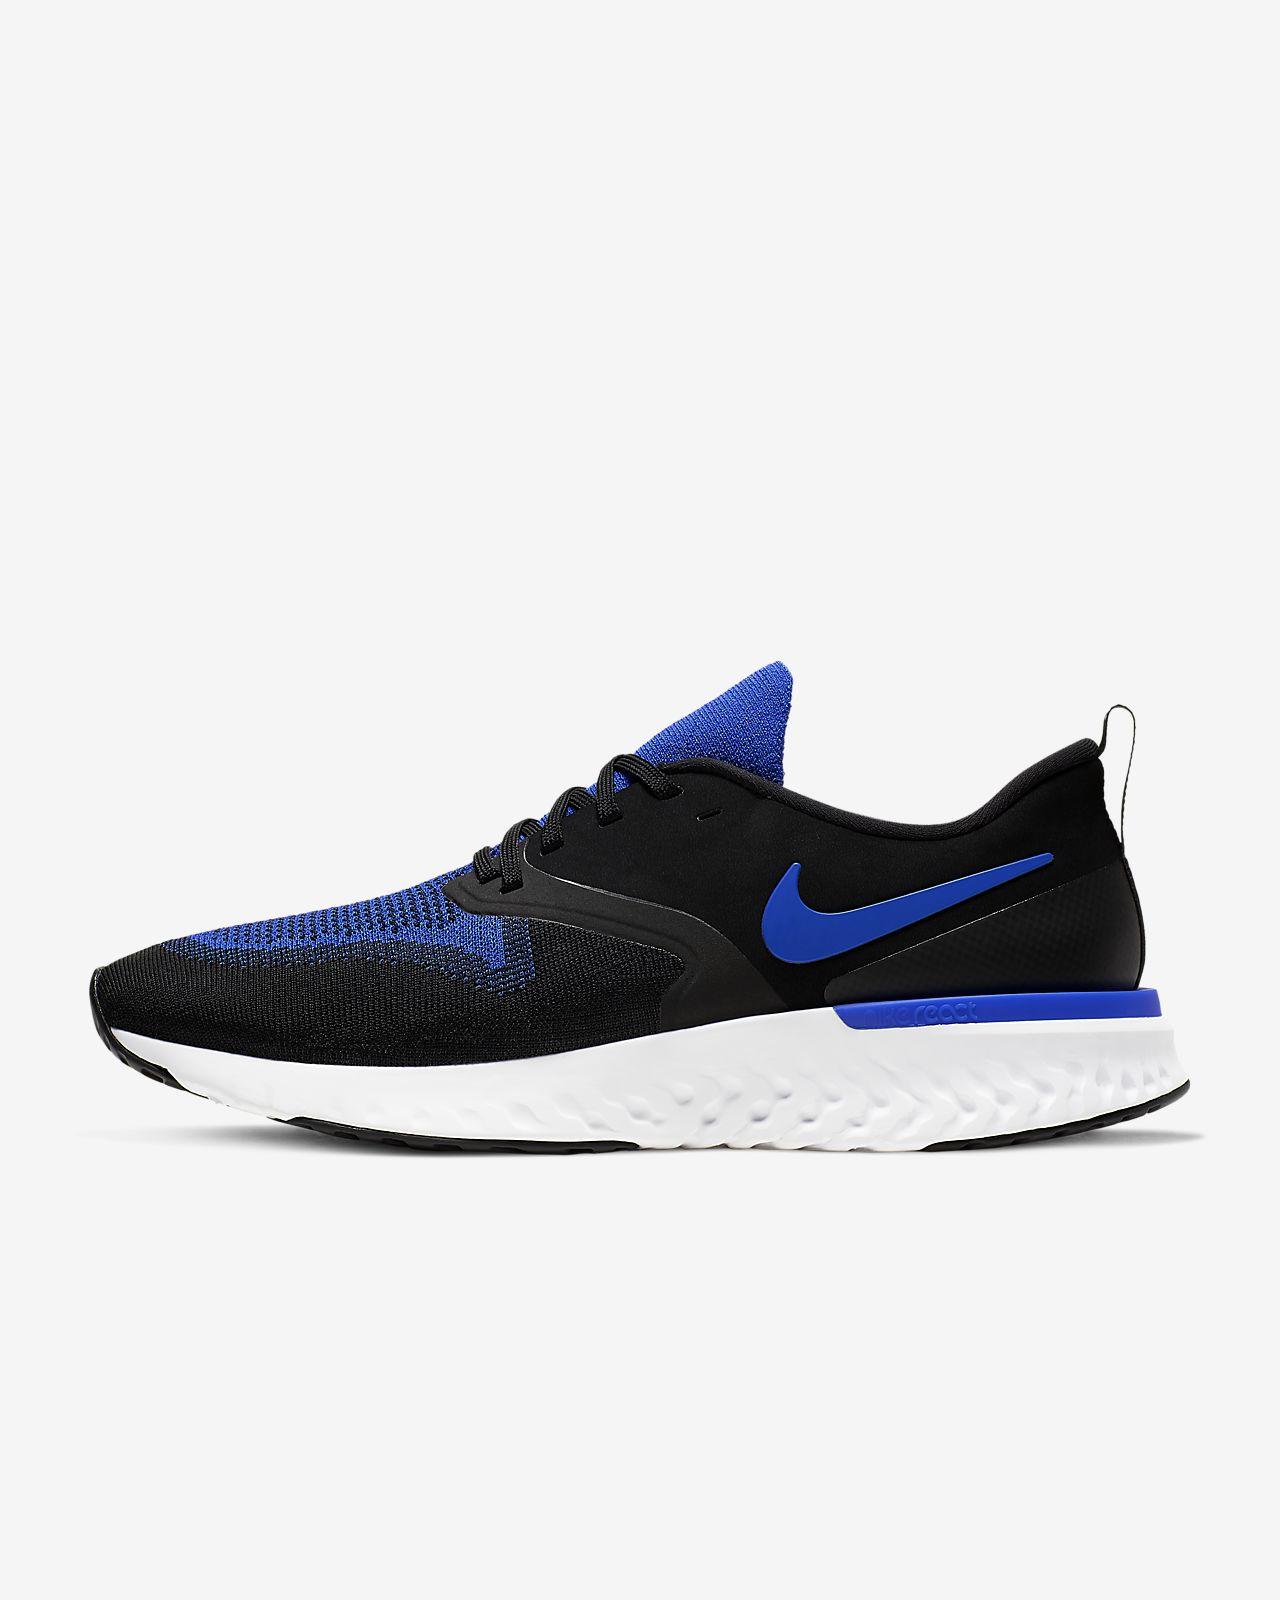 Nike Odyssey React Flyknit 2 Hardloopschoen voor heren